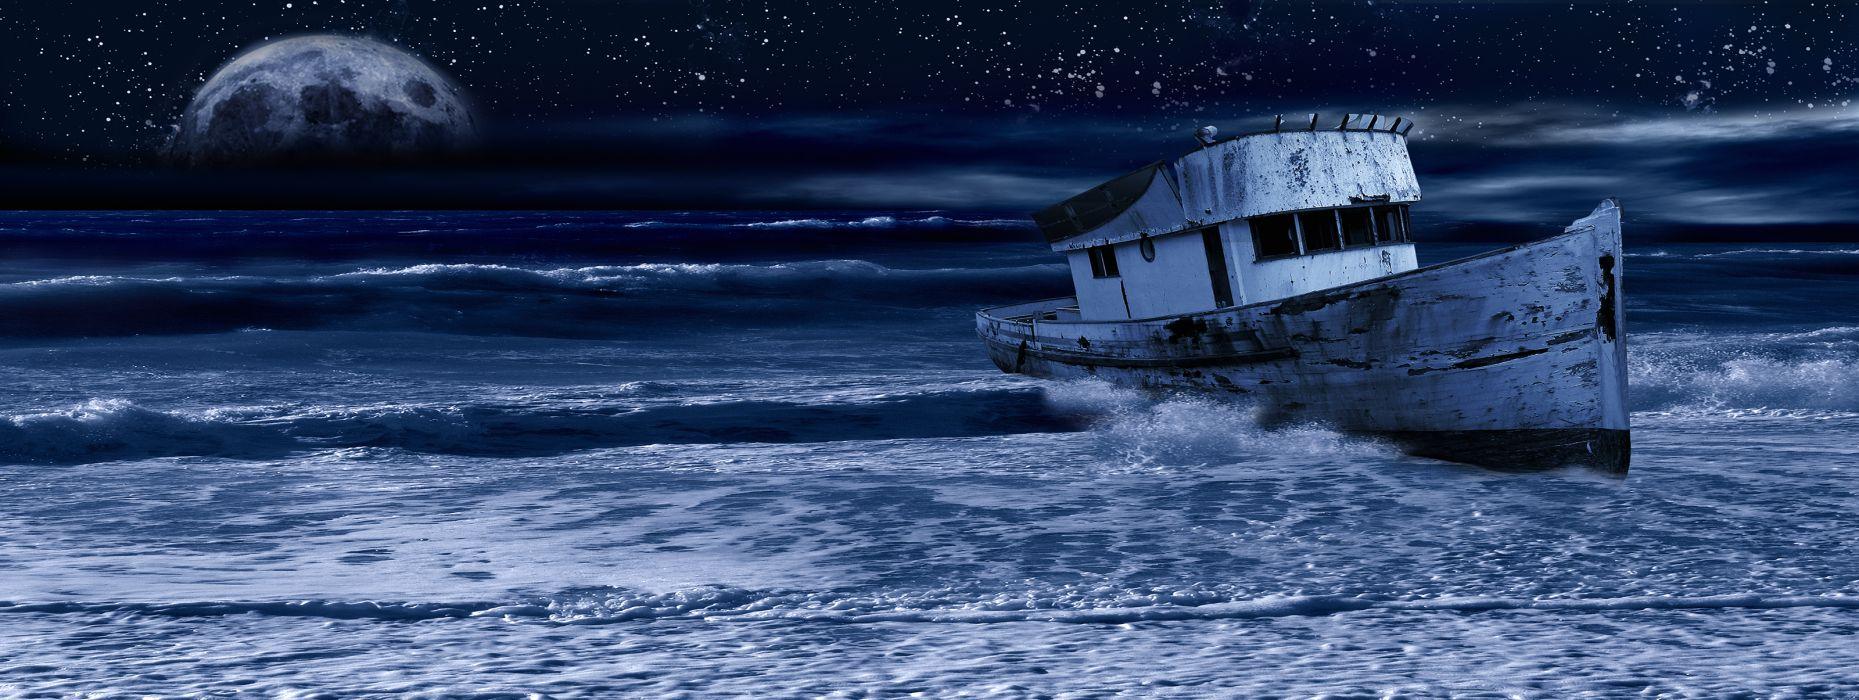 Multi Monitor dual screen cg digital art manip boats ocean sea sky stars moon wreck decay ruin wallpaper